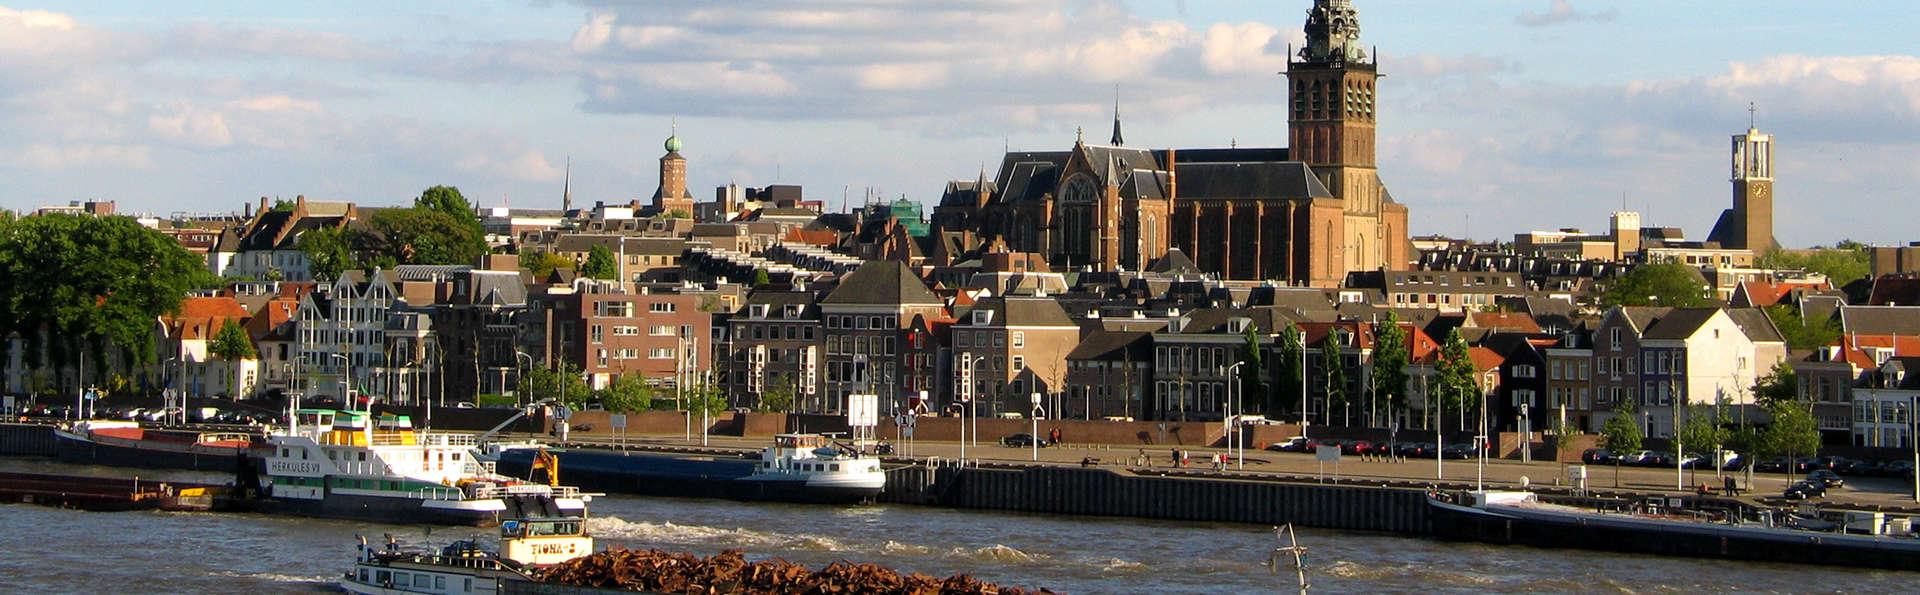 Van der Valk Hotel de Molenhoek-Nijmegen - edit_Nijmegen3.jpg